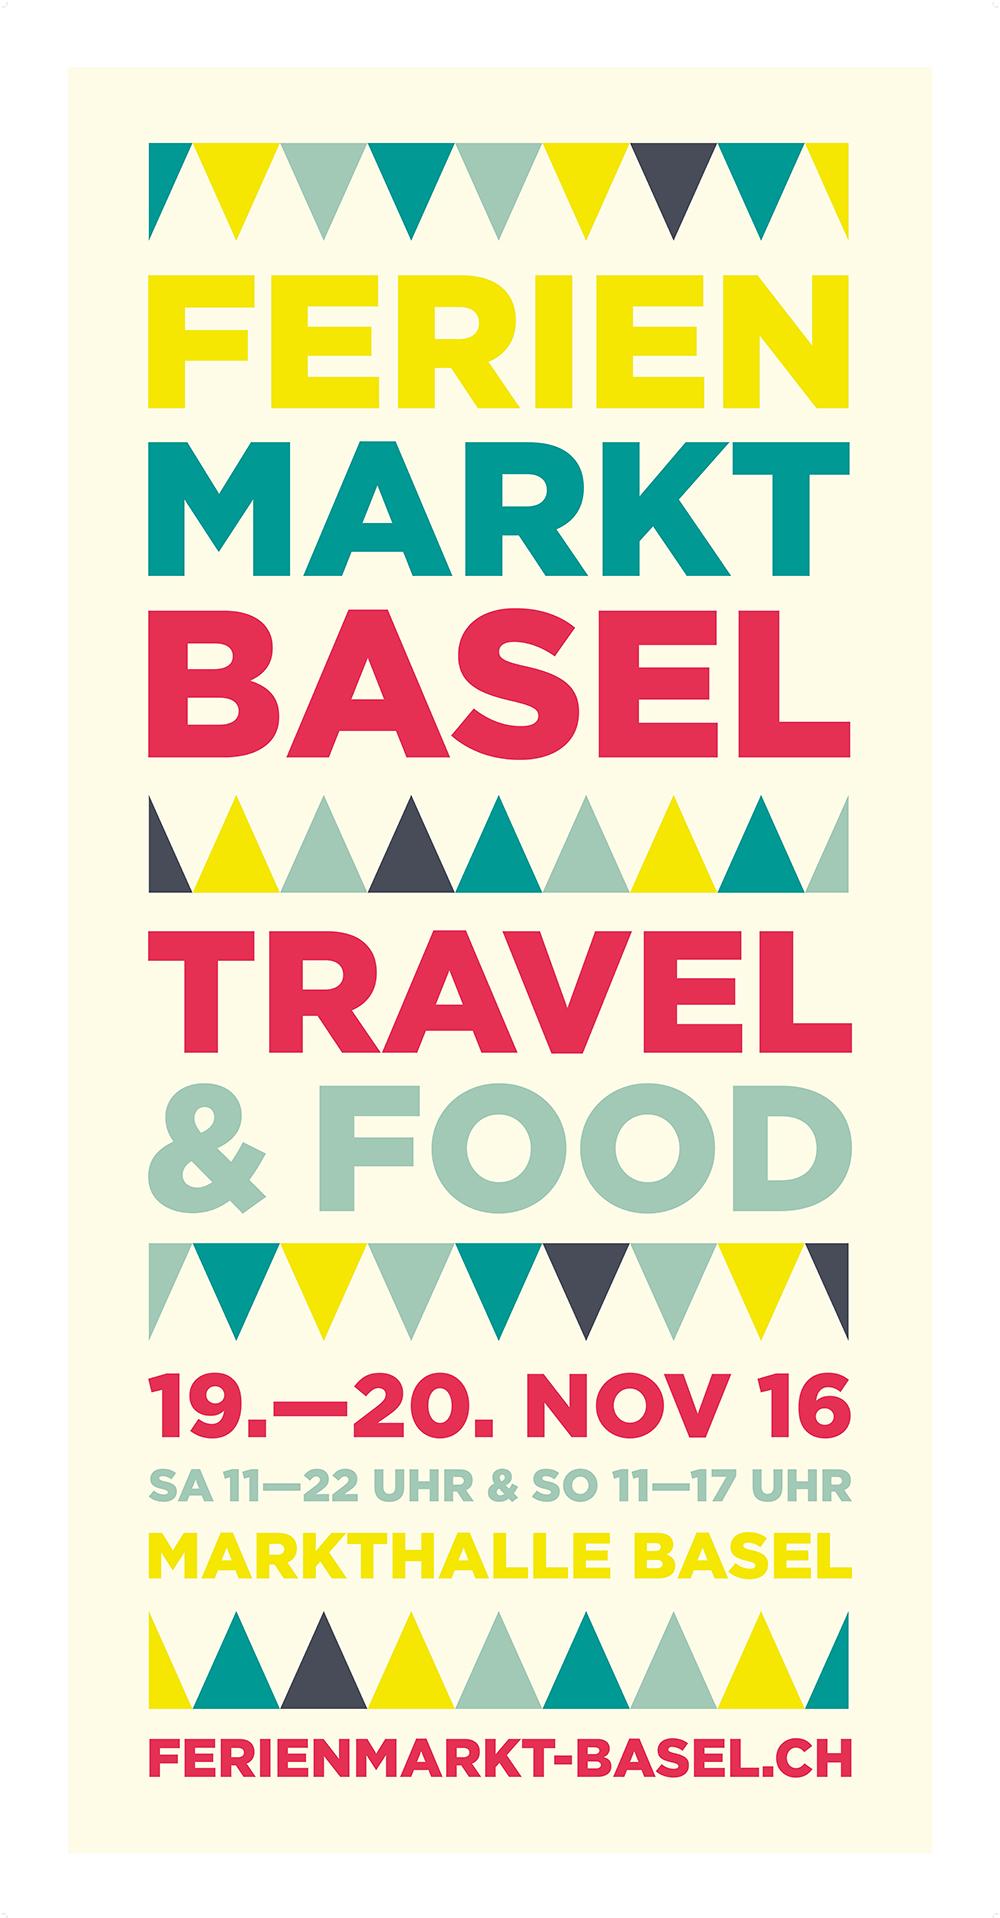 Ferienmarkt-Basel